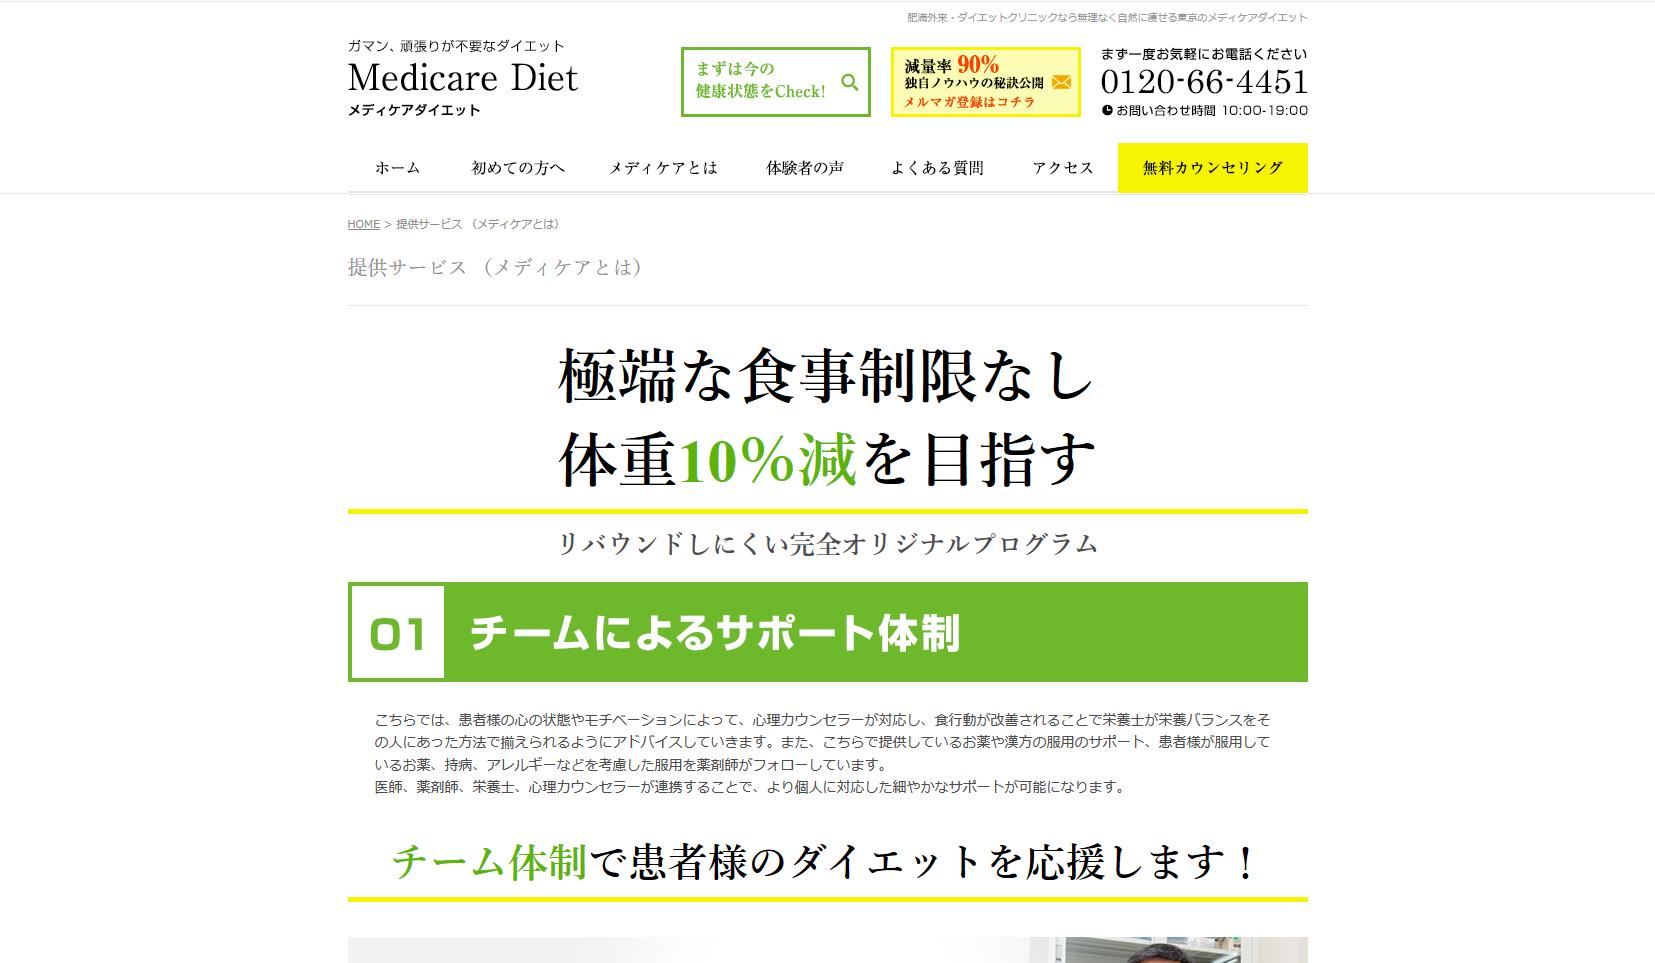 提供サービス (メディケアとは) - 肥満外来で健康的に痩せる|ダイエットならメディケアダイエット